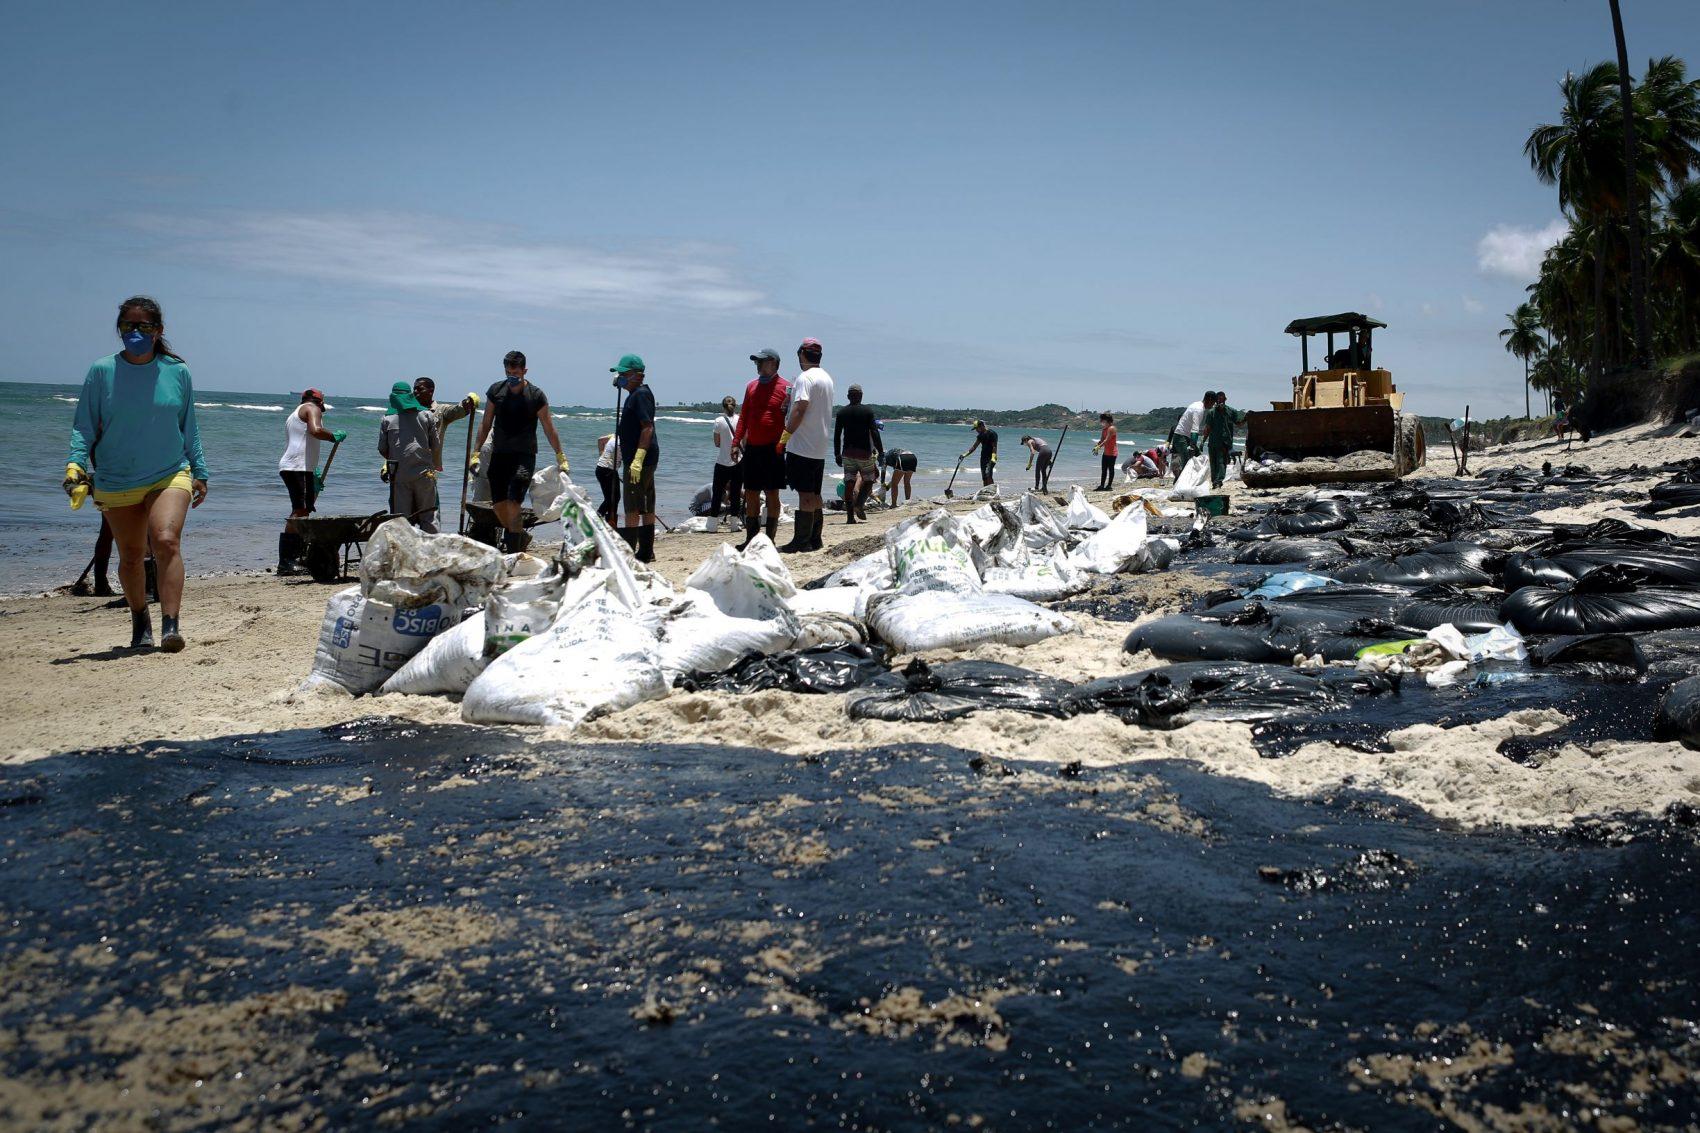 Voluntários, servidores de órgãos ambientais e da prefeitura fazem mutirão na praia de Paiva, em Cabo de Santo Agostinho. Pernambuco: mais de 900 toneladas de óleo recolhidas desde setembro em nove estados do Nordeste (Foto: Leo Malafaia/AFP)